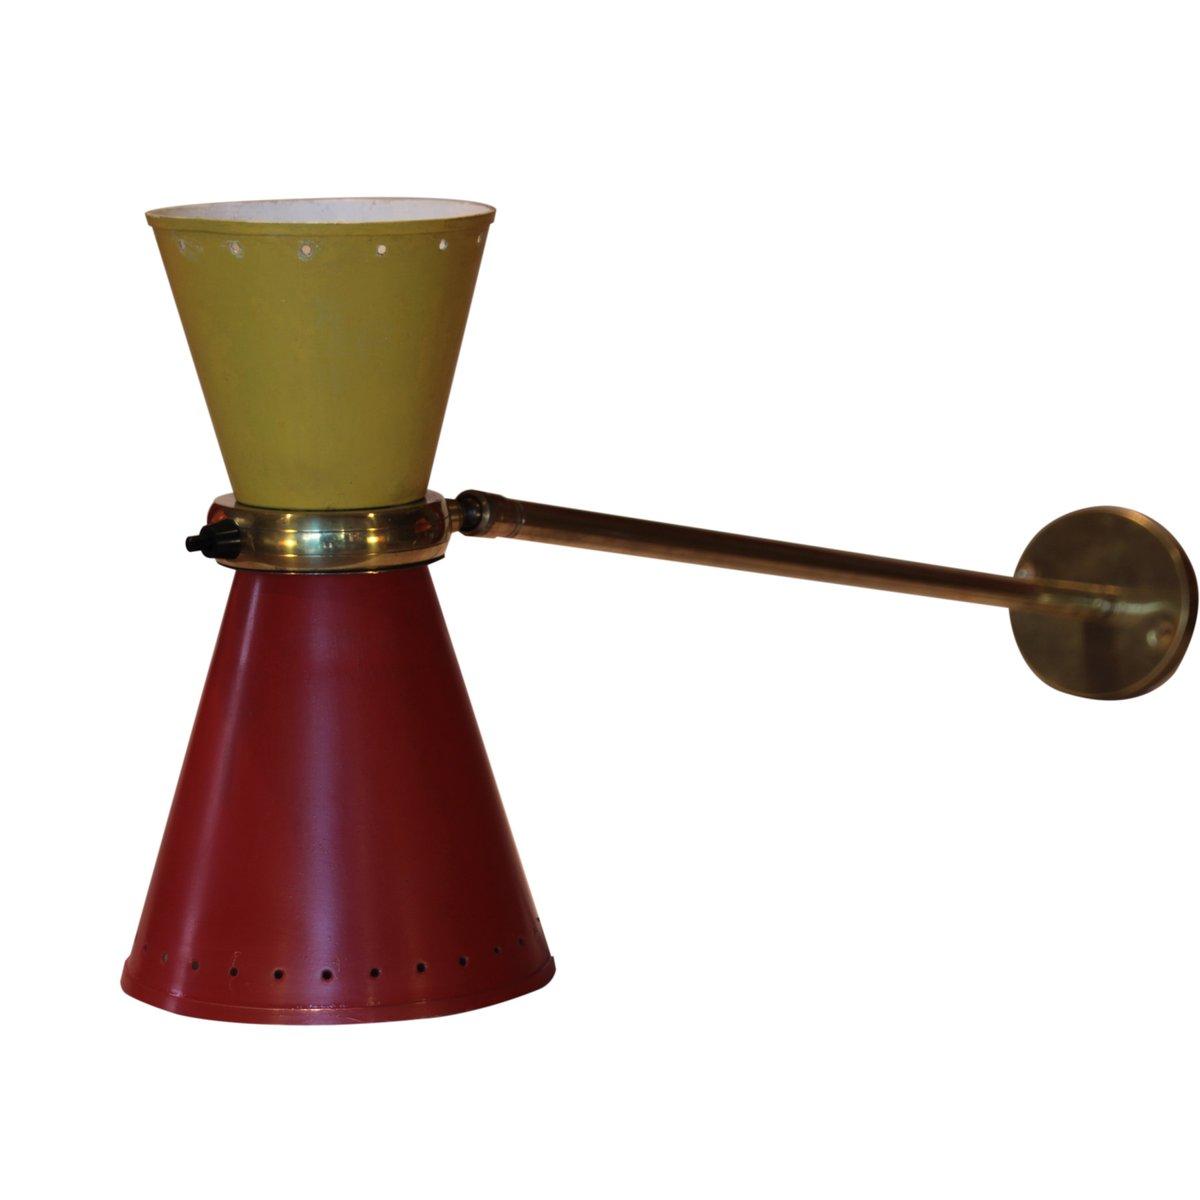 Französische Diabolo Wandlampe in Rot & Gelb, 1950er